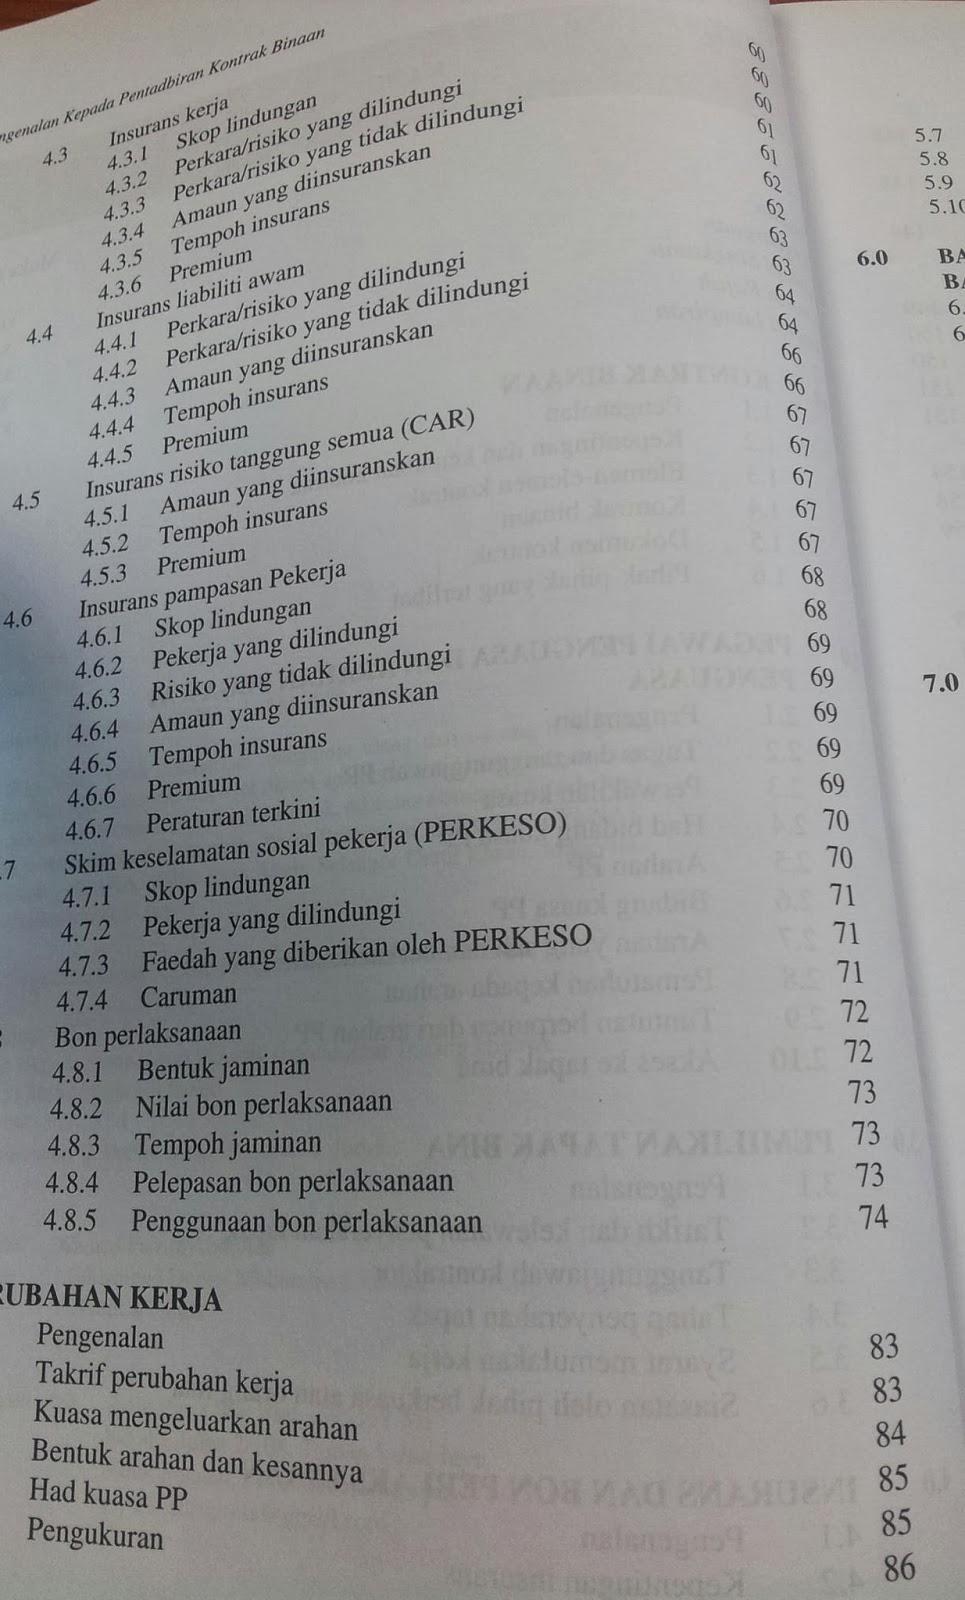 Pengenalan Kepada Pentadbiran Kontrak Berdasarkan Borang Kontrak Jkr 203 A Buku Teknikal